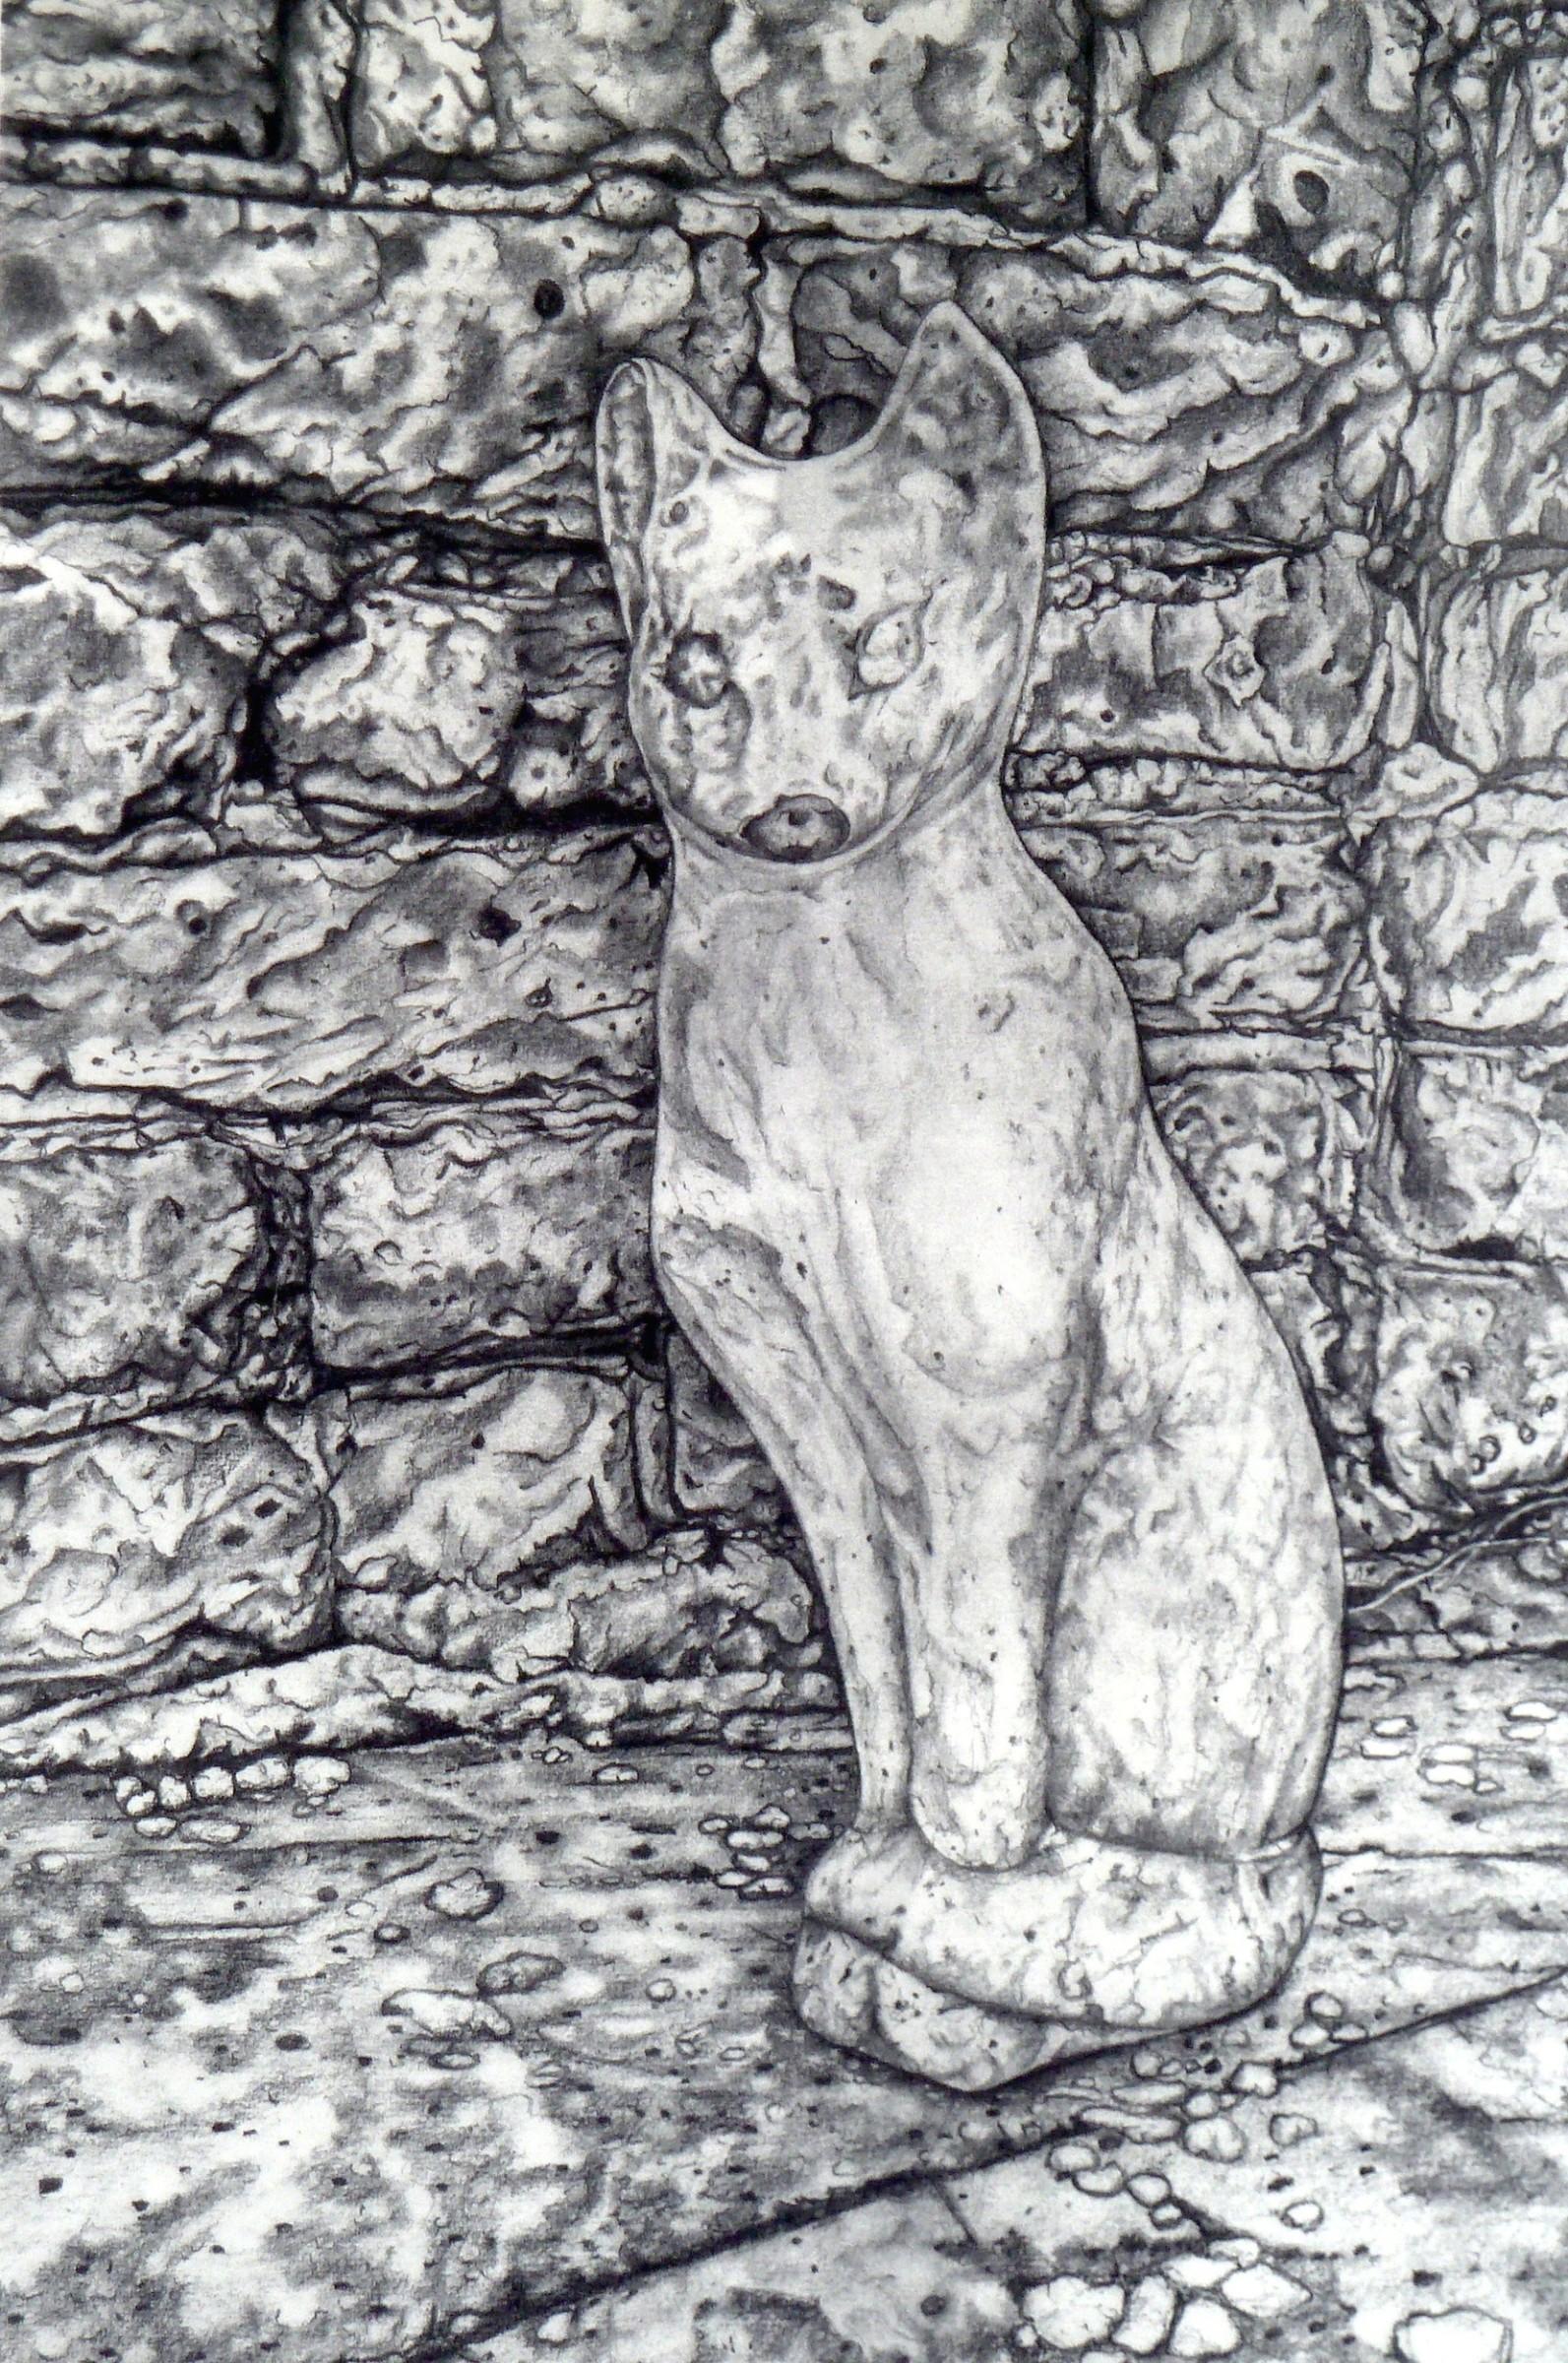 """<span class=""""link fancybox-details-link""""><a href=""""/exhibitions/23/works/artworks_standalone11206/"""">View Detail Page</a></span><div class=""""artist""""><span class=""""artist""""><strong>Meg Dutton RE</strong></span></div><div class=""""title""""><em>Concrete Cat</em></div><div class=""""medium"""">etching</div><div class=""""dimensions"""">50 x 37cm paper size<br>40 x 26.5cm image size</div><div class=""""edition_details"""">edition of 60</div>"""